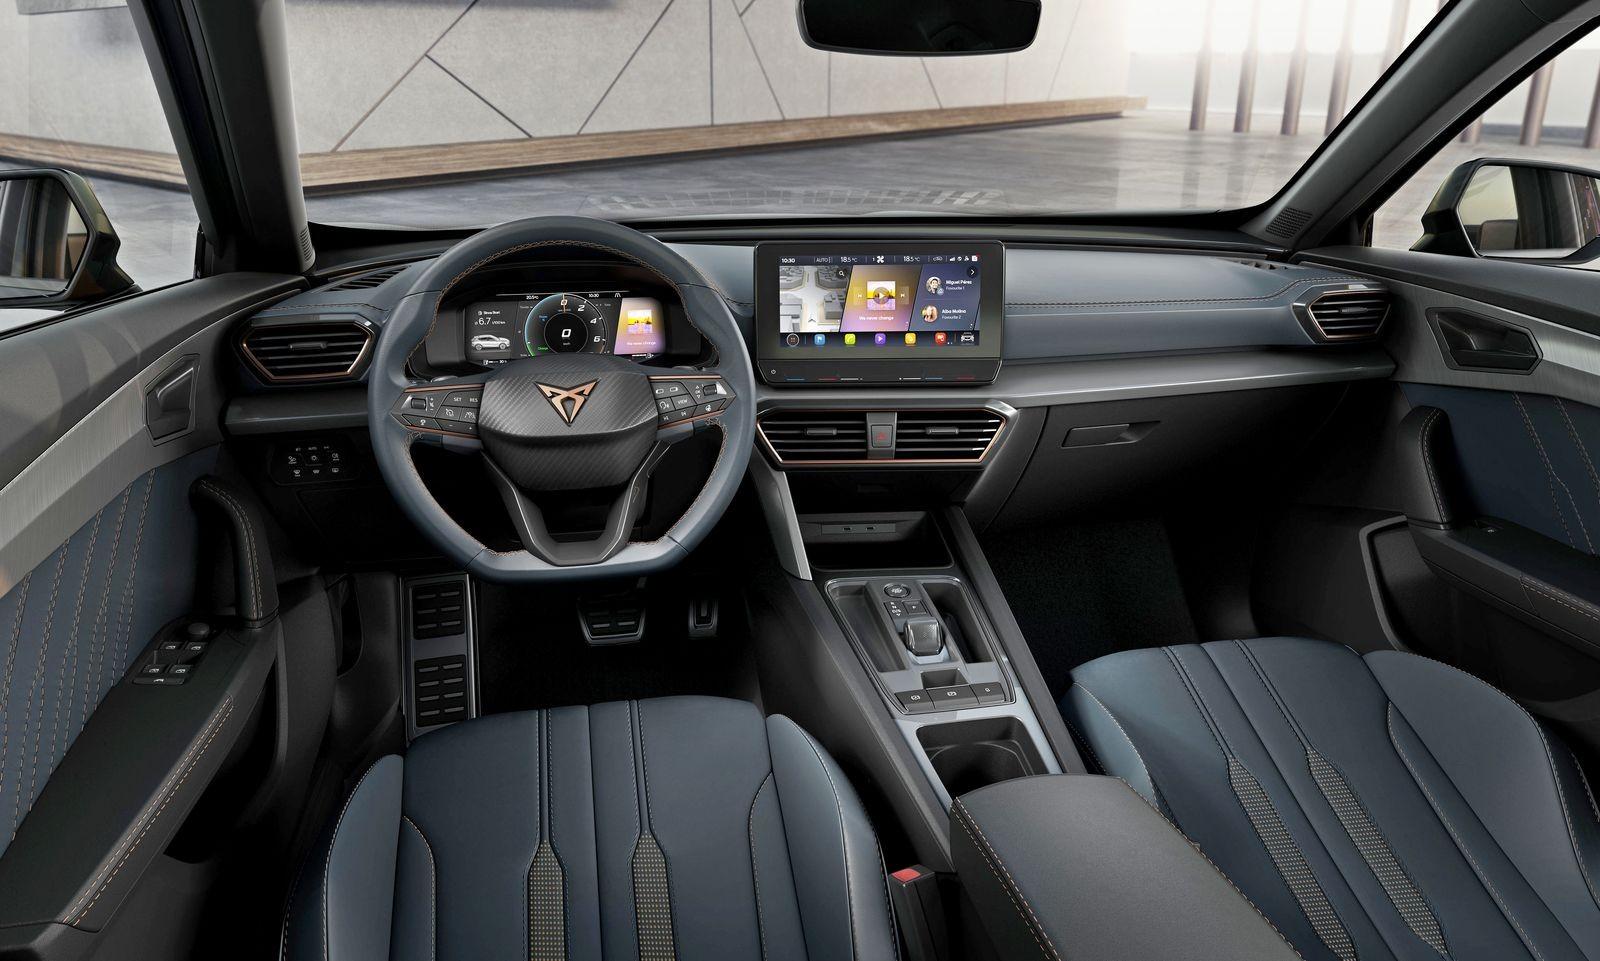 CUPRA-Formentor-a-unique-concept-car-for-a-special-brand_12_HQ